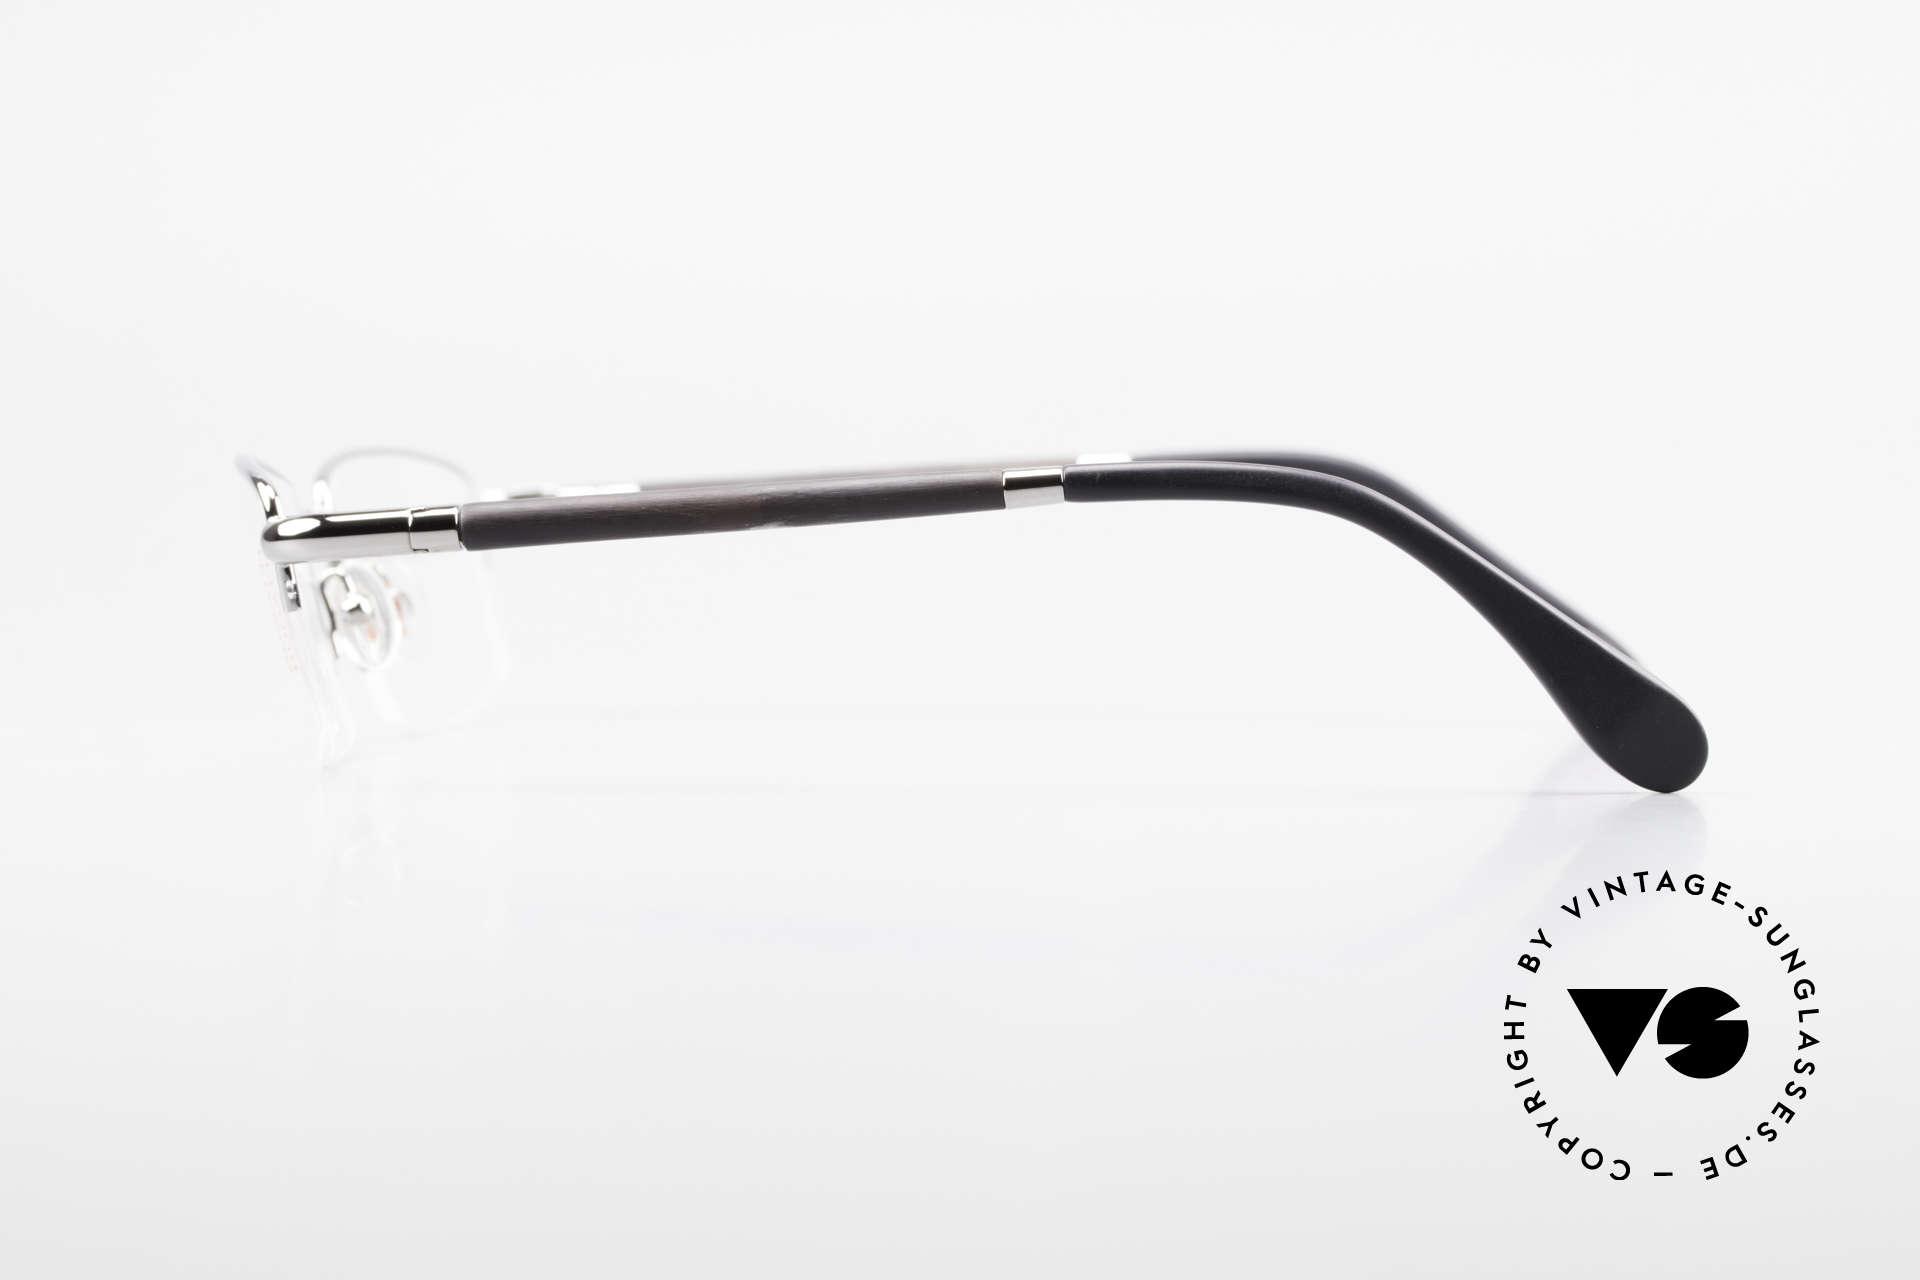 Bugatti 535 Naturhorn Brille Palladium, LIMITED EDITION: gab's damals nur als Kleinstserie, Passend für Herren